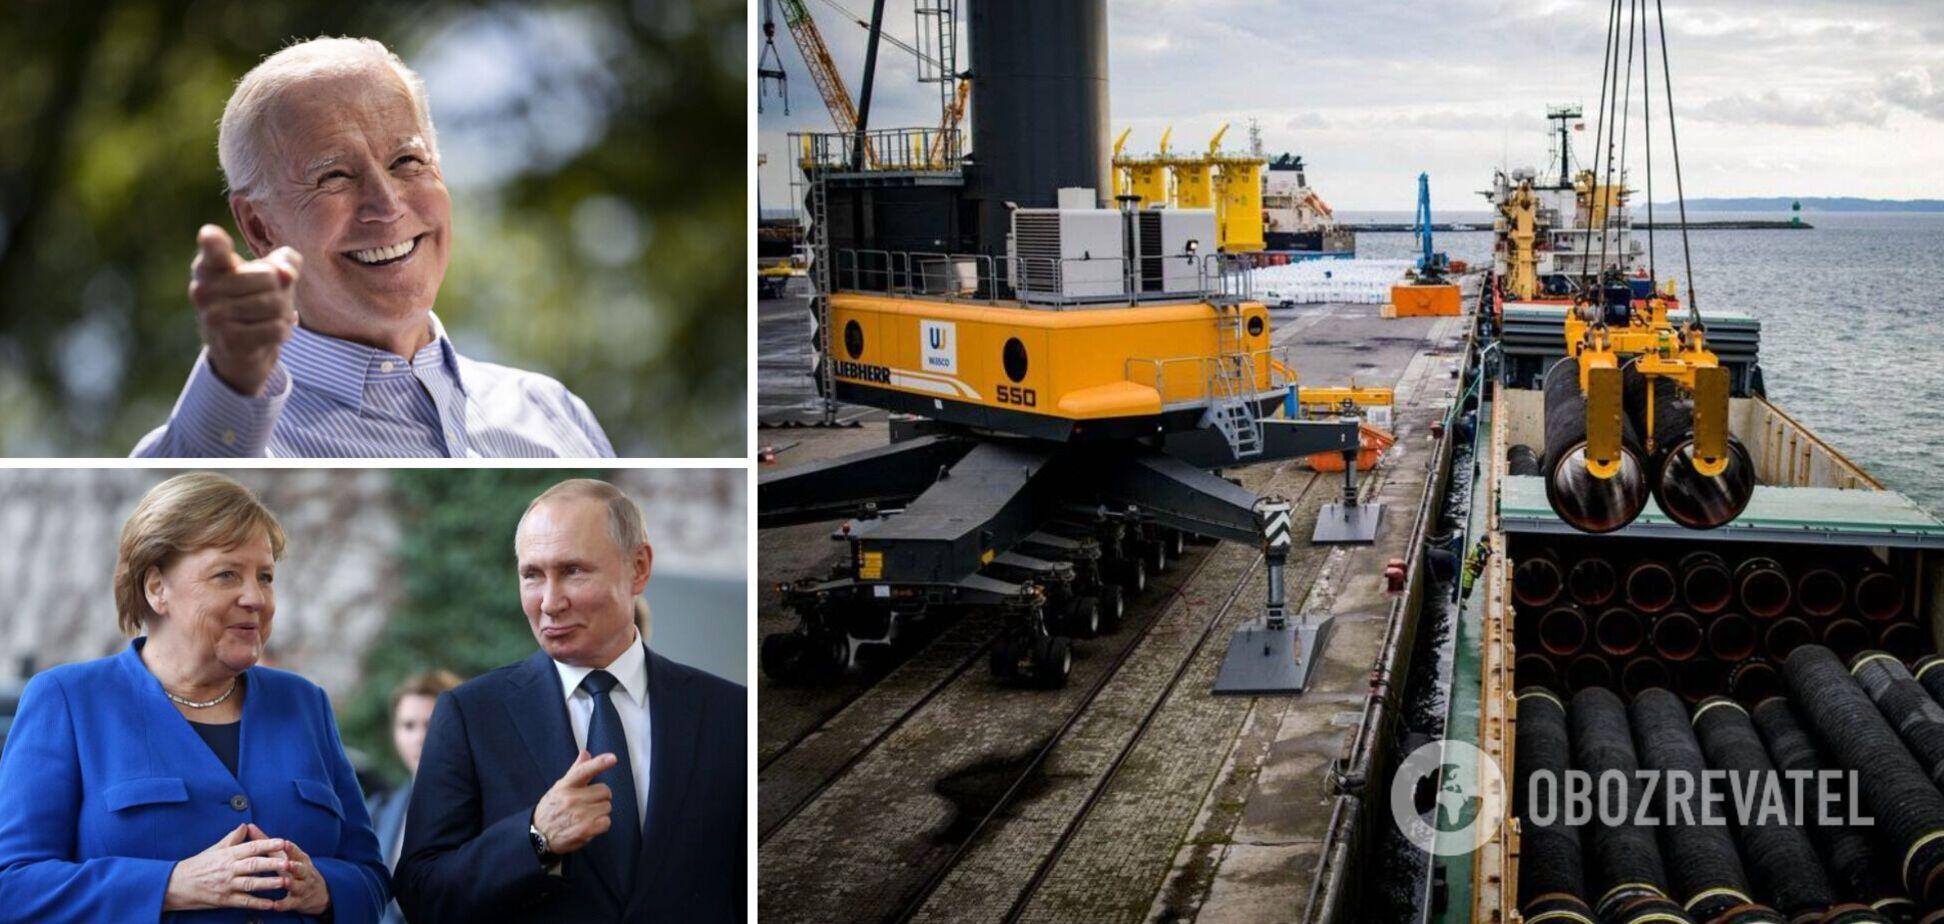 США готовят новые санкции, строительство 'Северного потока-2' может остановиться